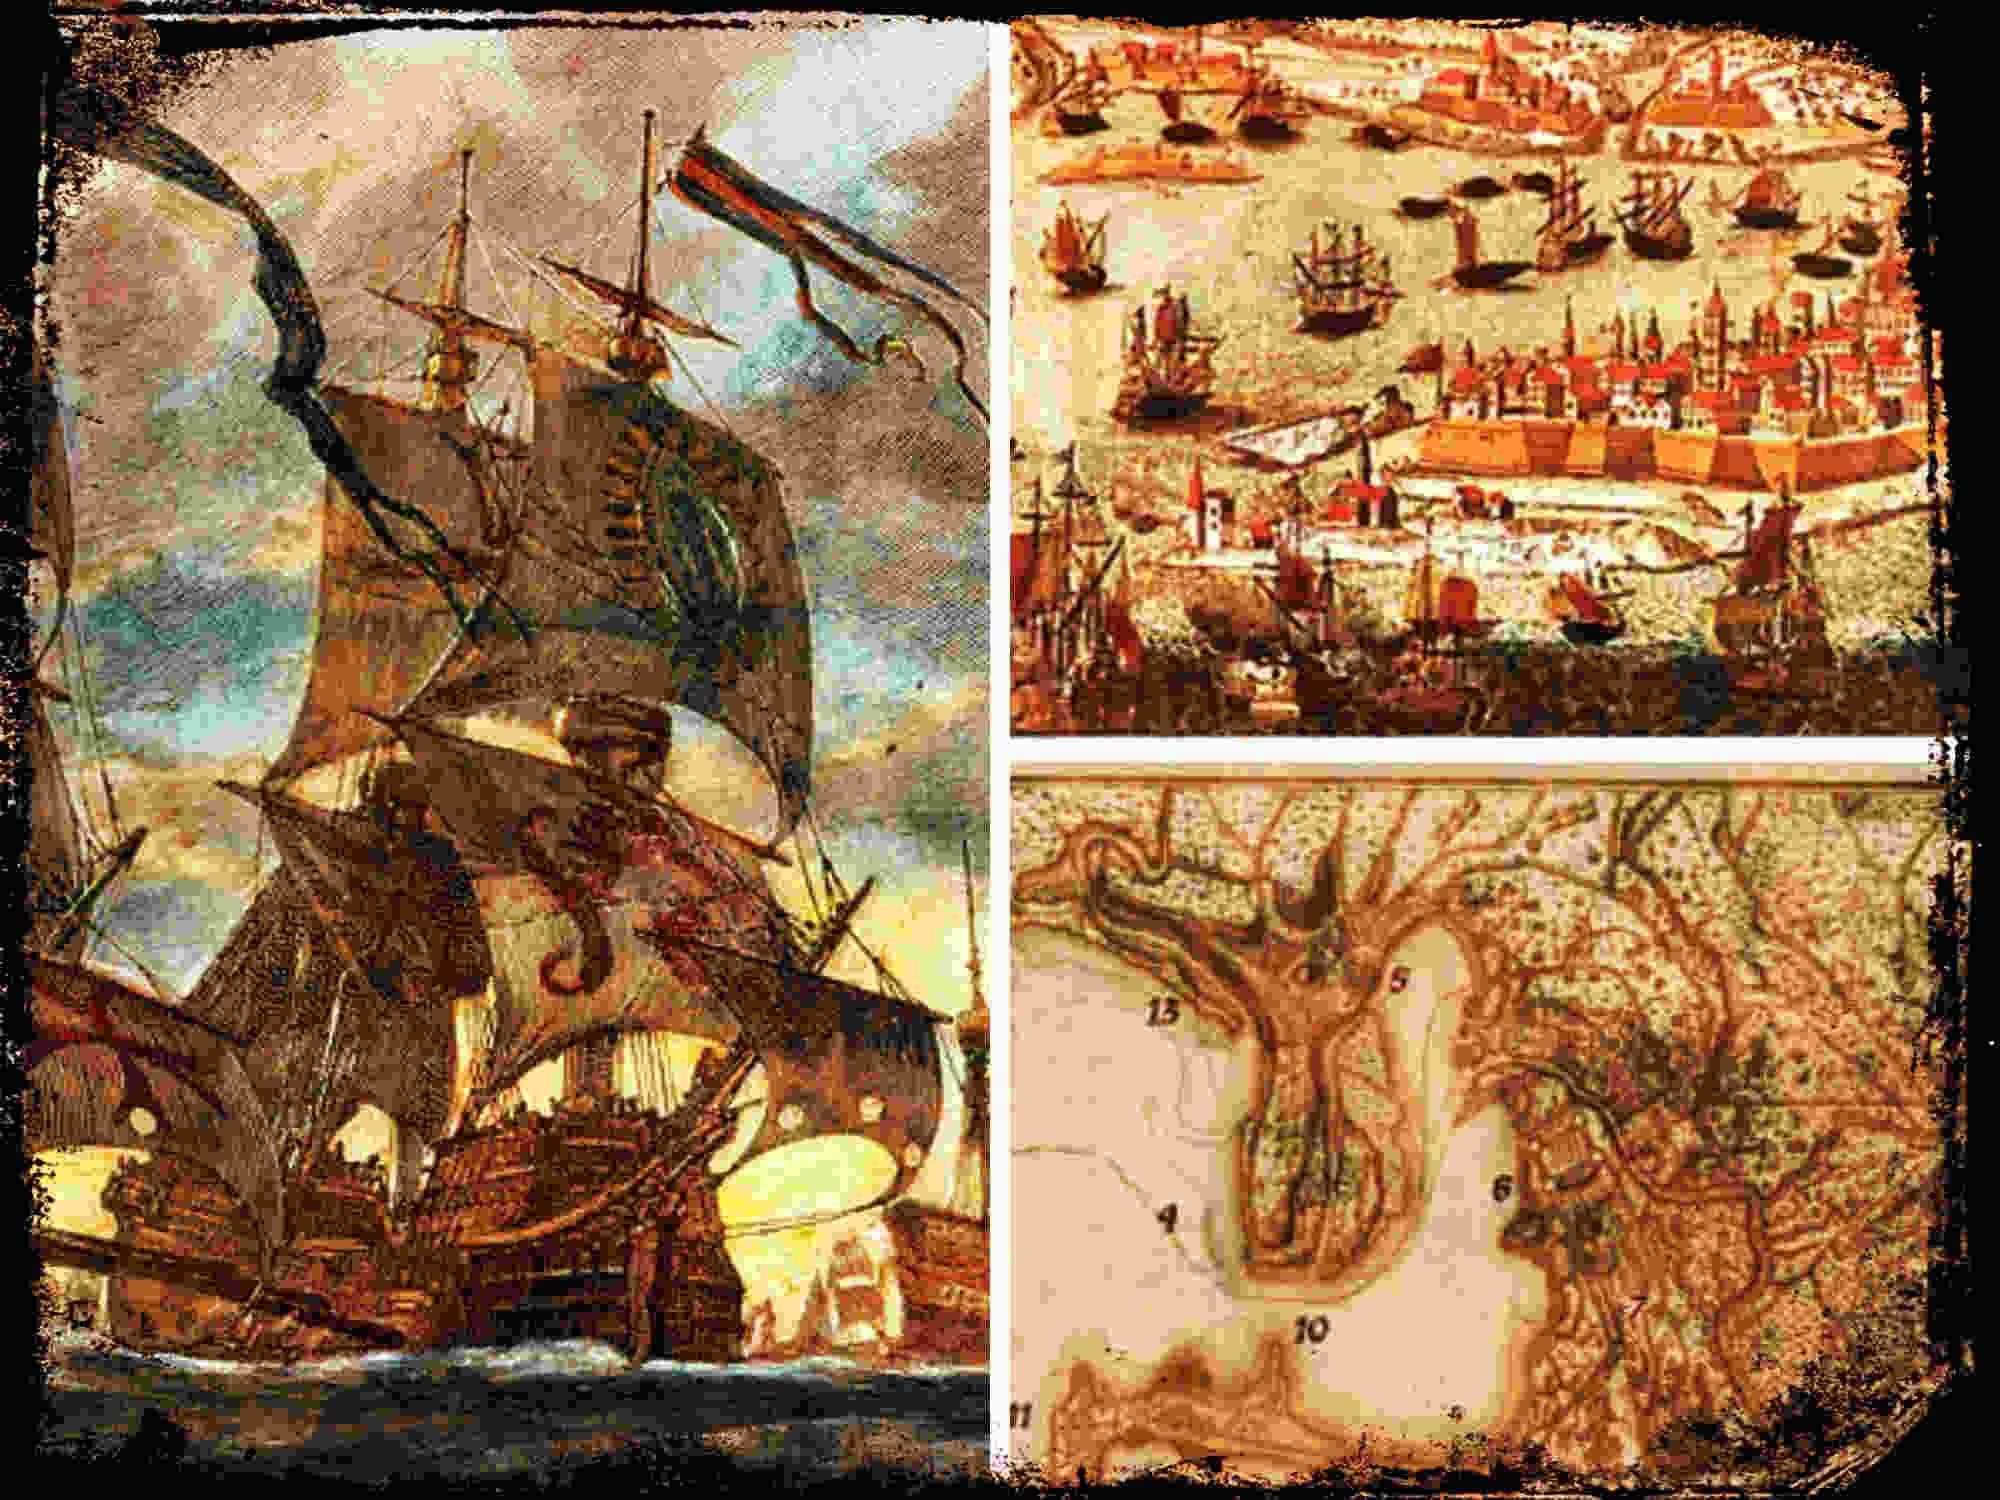 Los metedores, contrabandistas en la Monarquía Hispánica